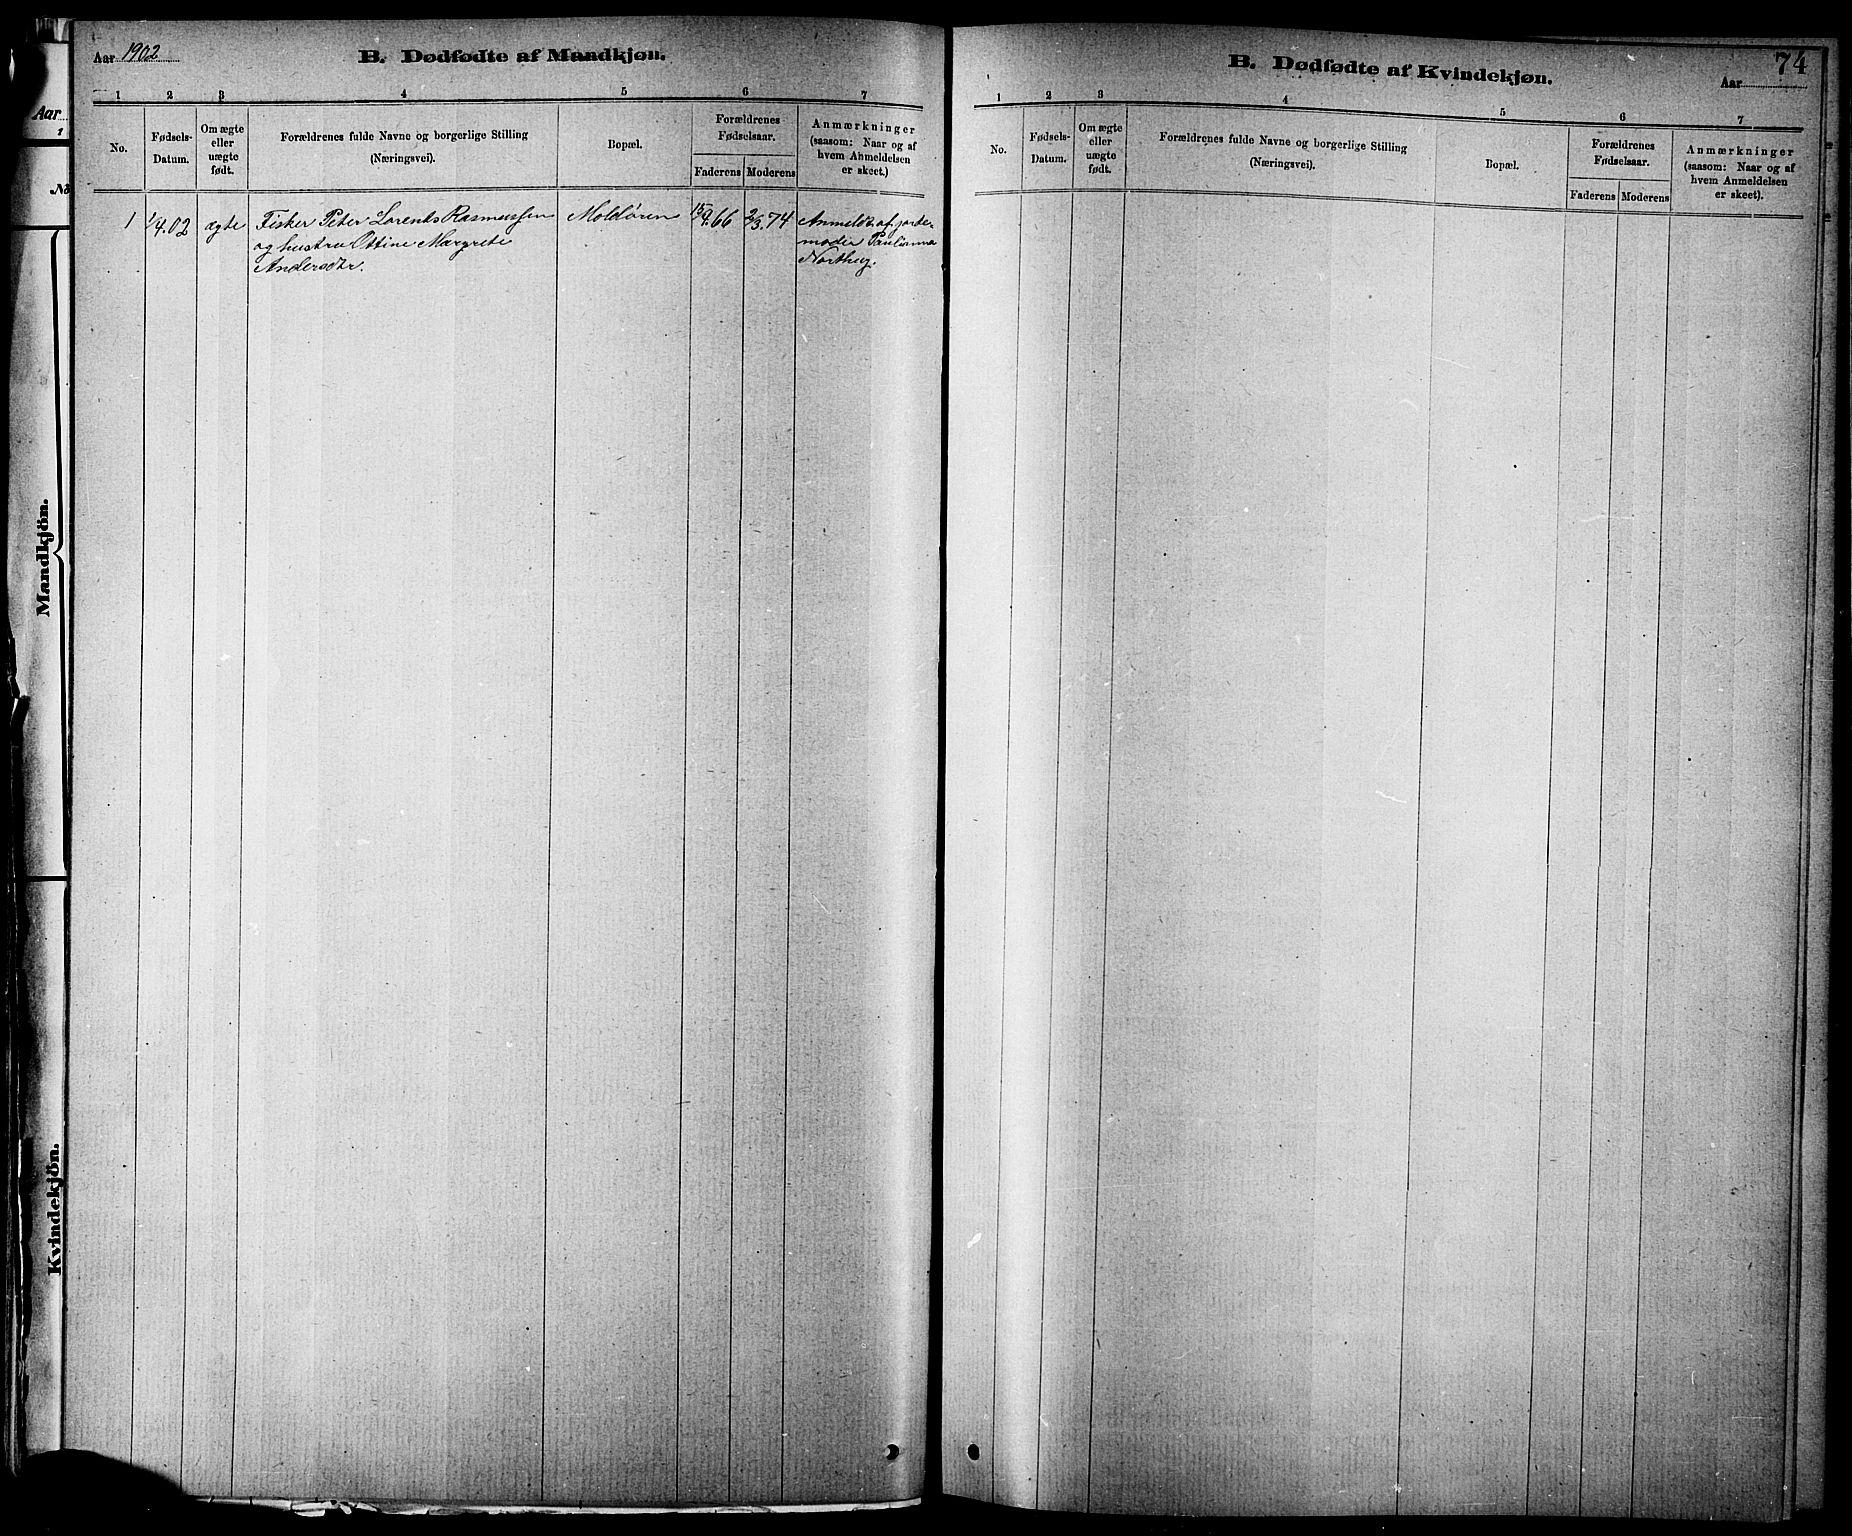 SAT, Ministerialprotokoller, klokkerbøker og fødselsregistre - Nord-Trøndelag, 744/L0423: Klokkerbok nr. 744C02, 1886-1905, s. 74